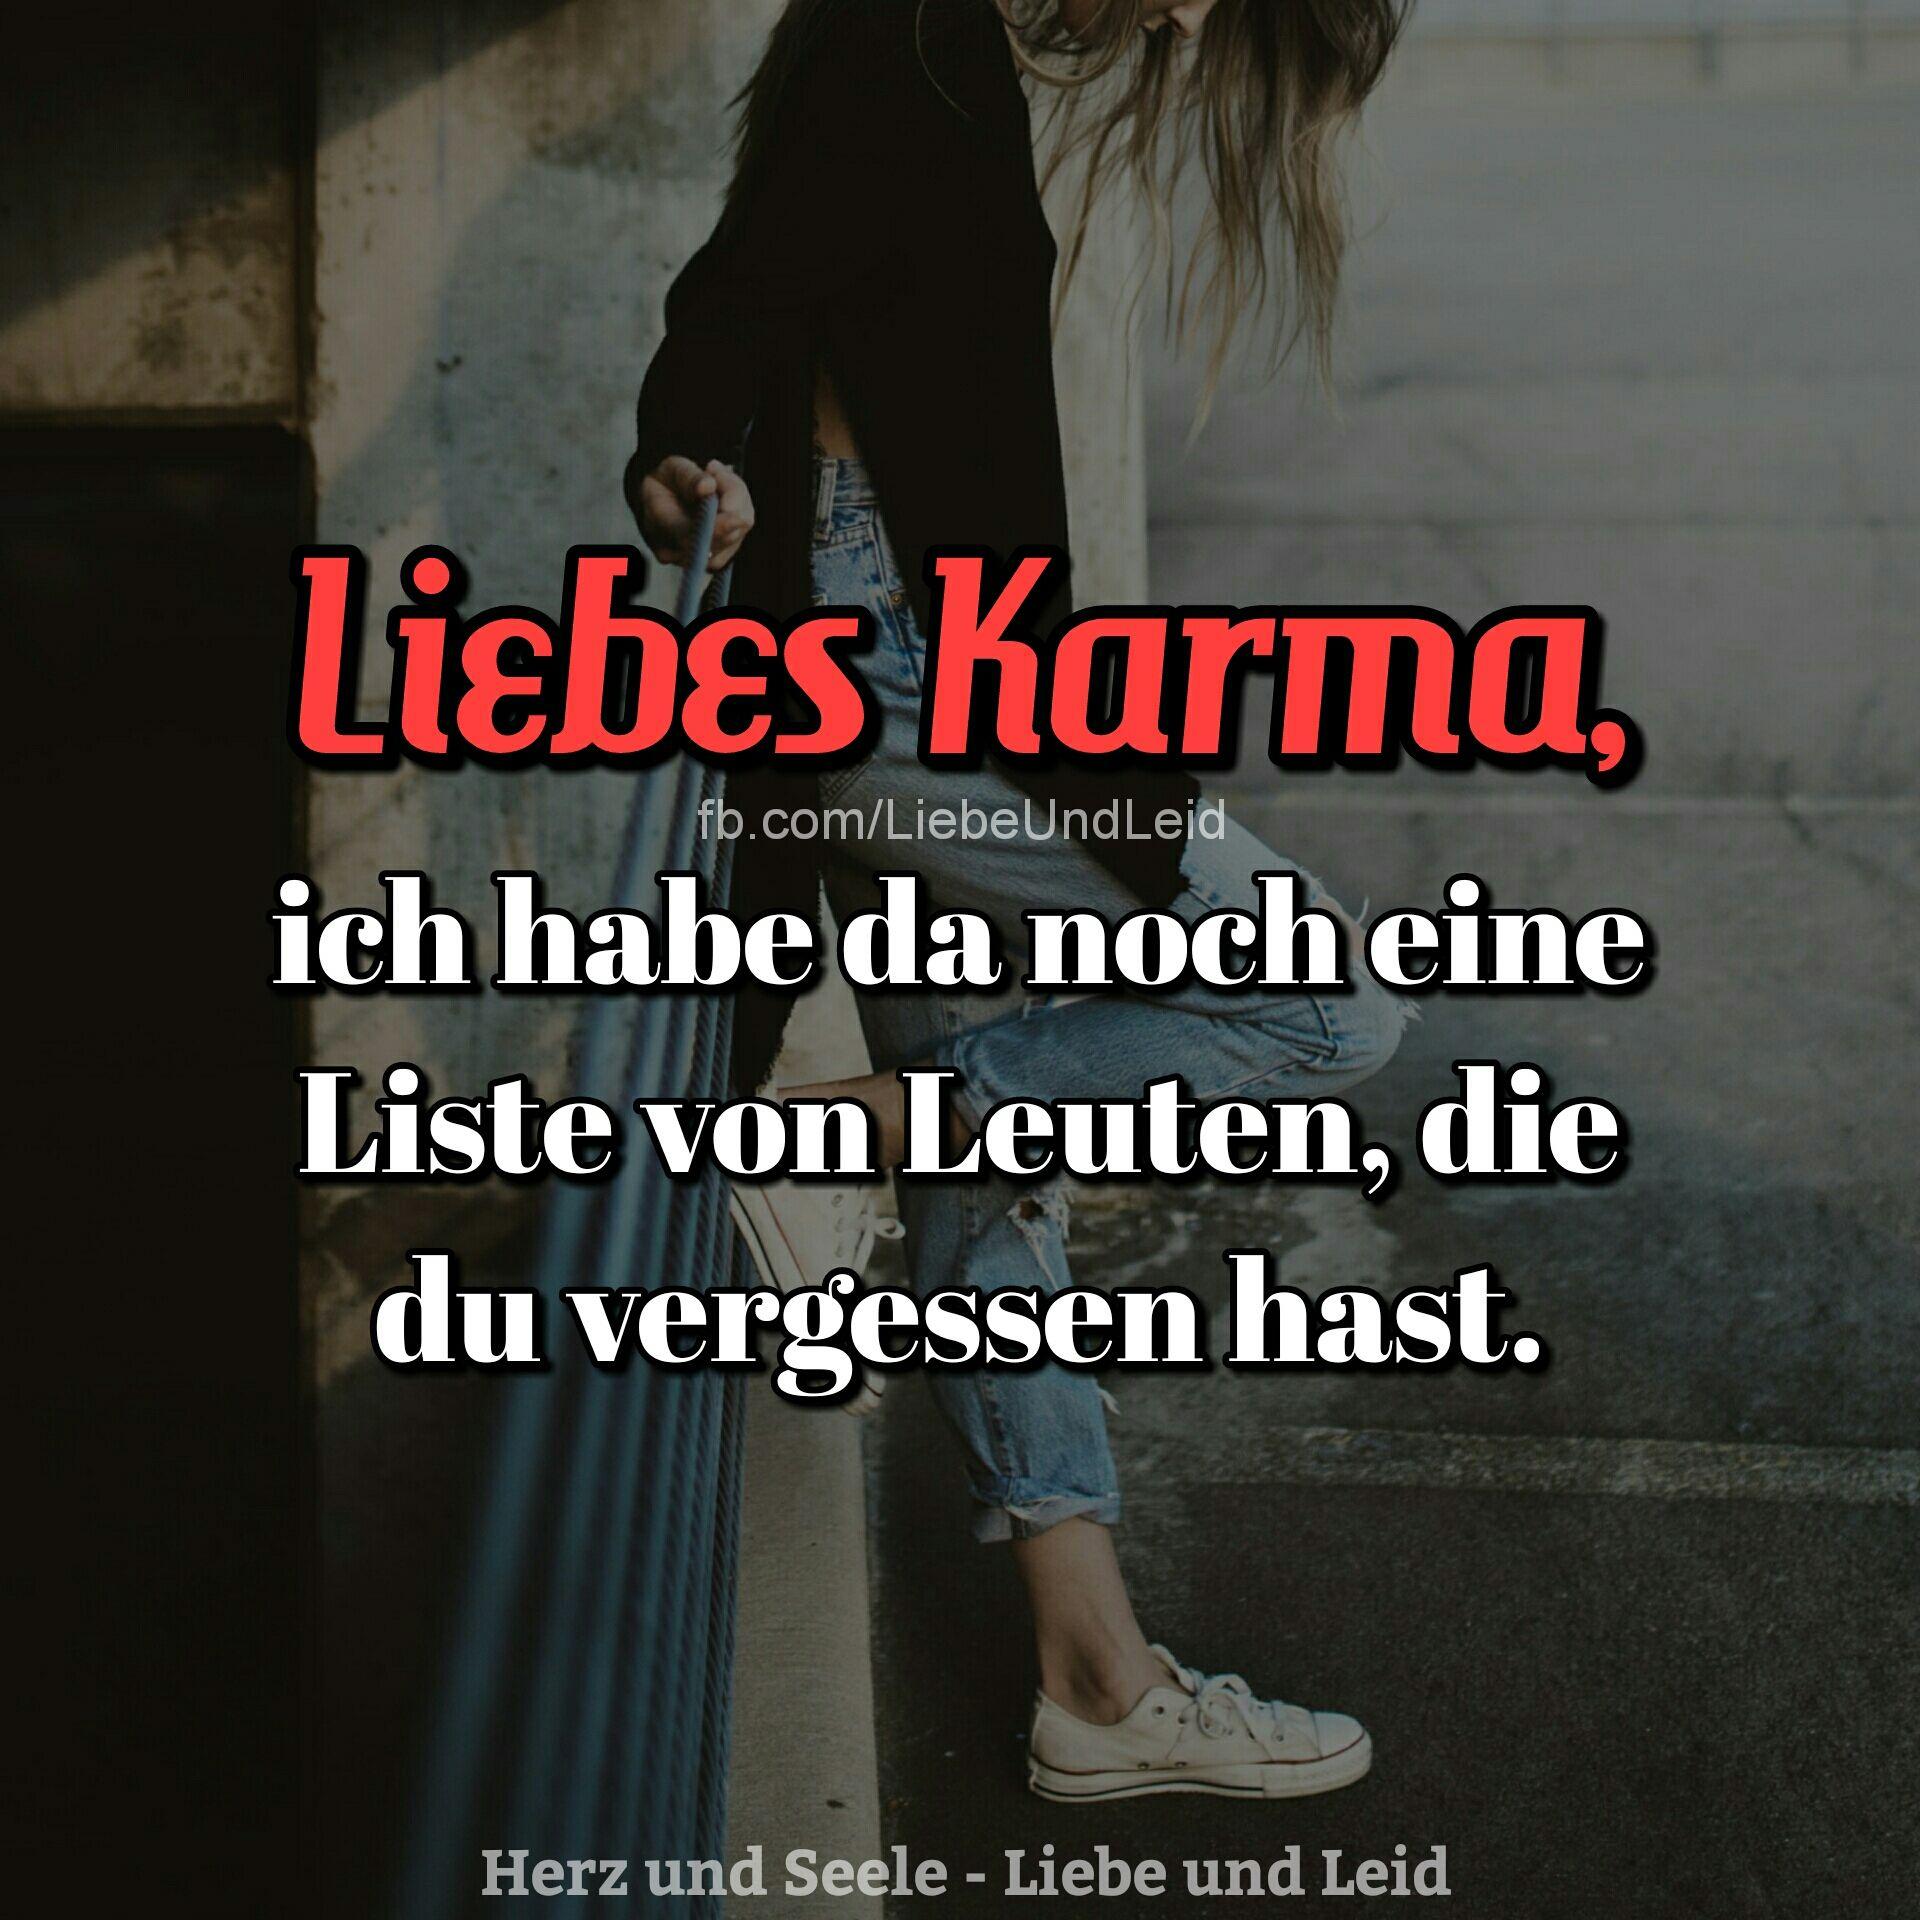 Sprüche zurück karma schlägt 100 Karma